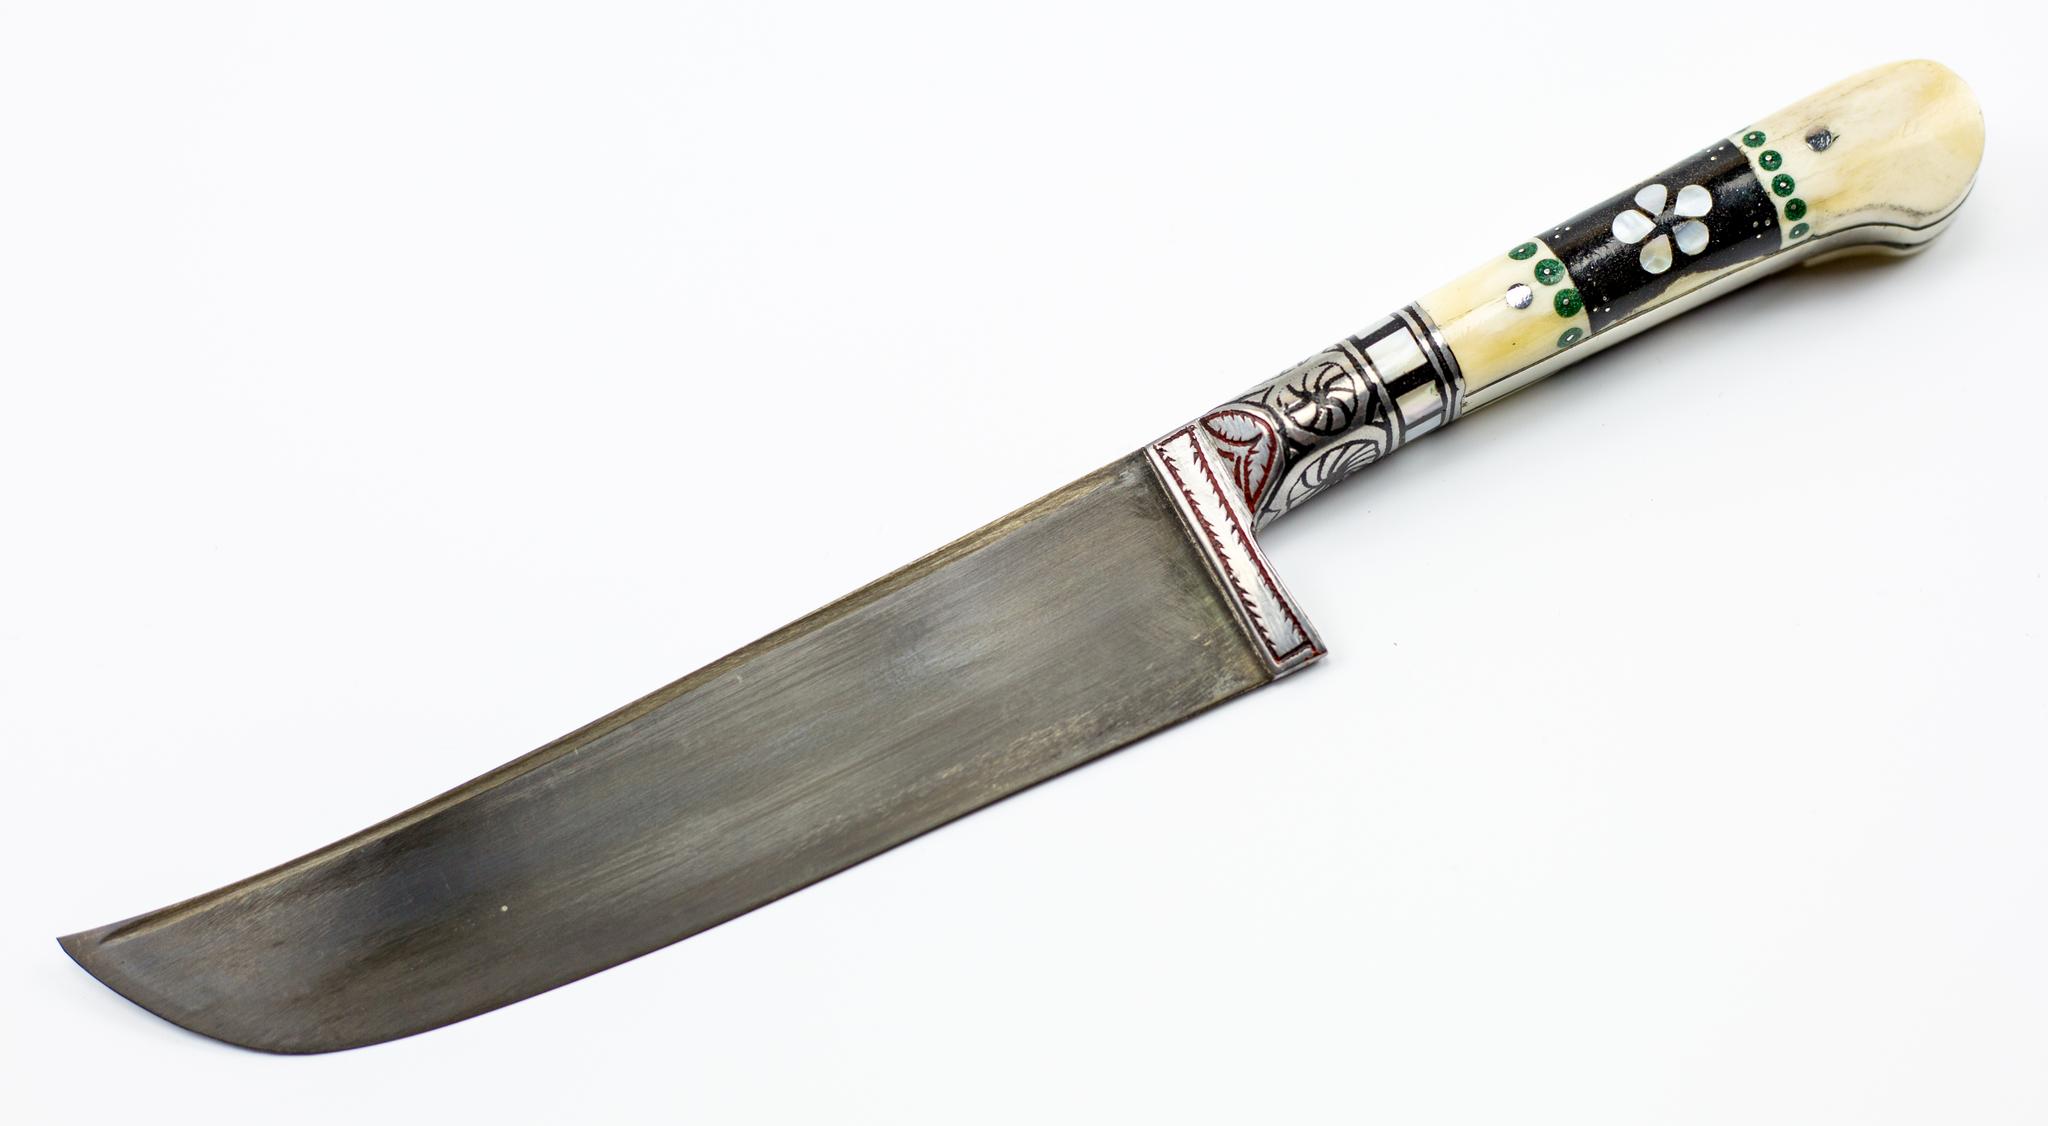 Пчак АфганкаУзбекские ножи Пчак<br>Пчак. Афганка, кость ёрма, эбонит, оловоДлина клинка 15-17 смОбщая длина 27-30 смТолщина клинка у основания 4,0-4,5 ммМарка стали ШХ15В комплекте чехол из кожзама.<br>